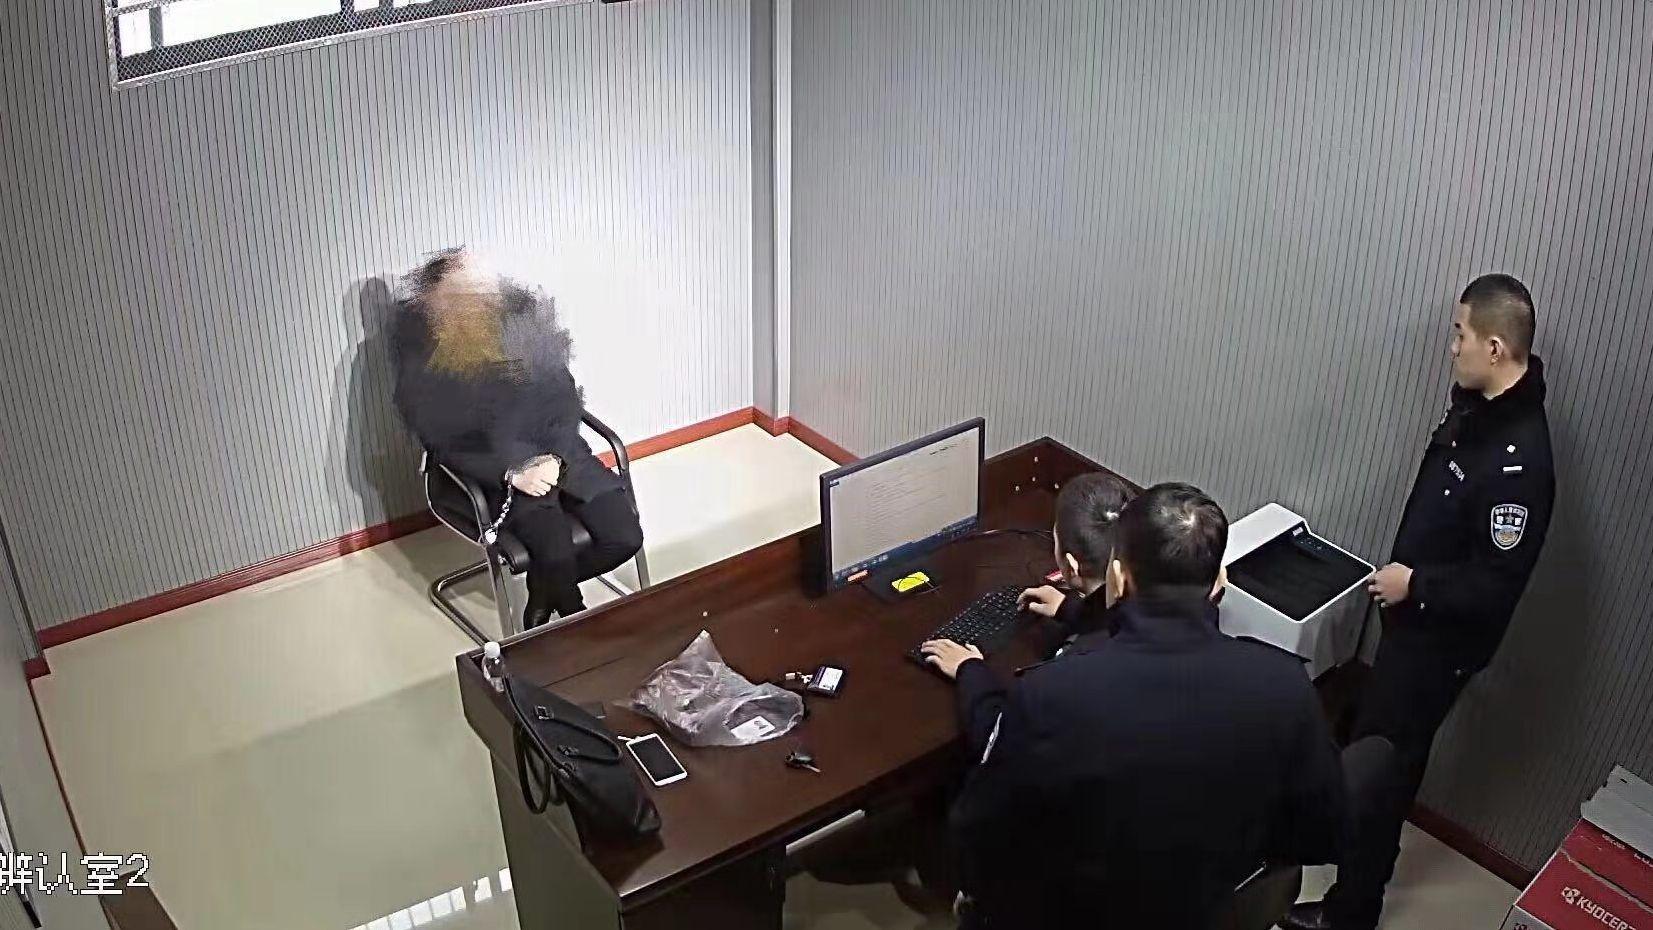 在逃男子花光钱后滞留火车站 向警方求助时被控制